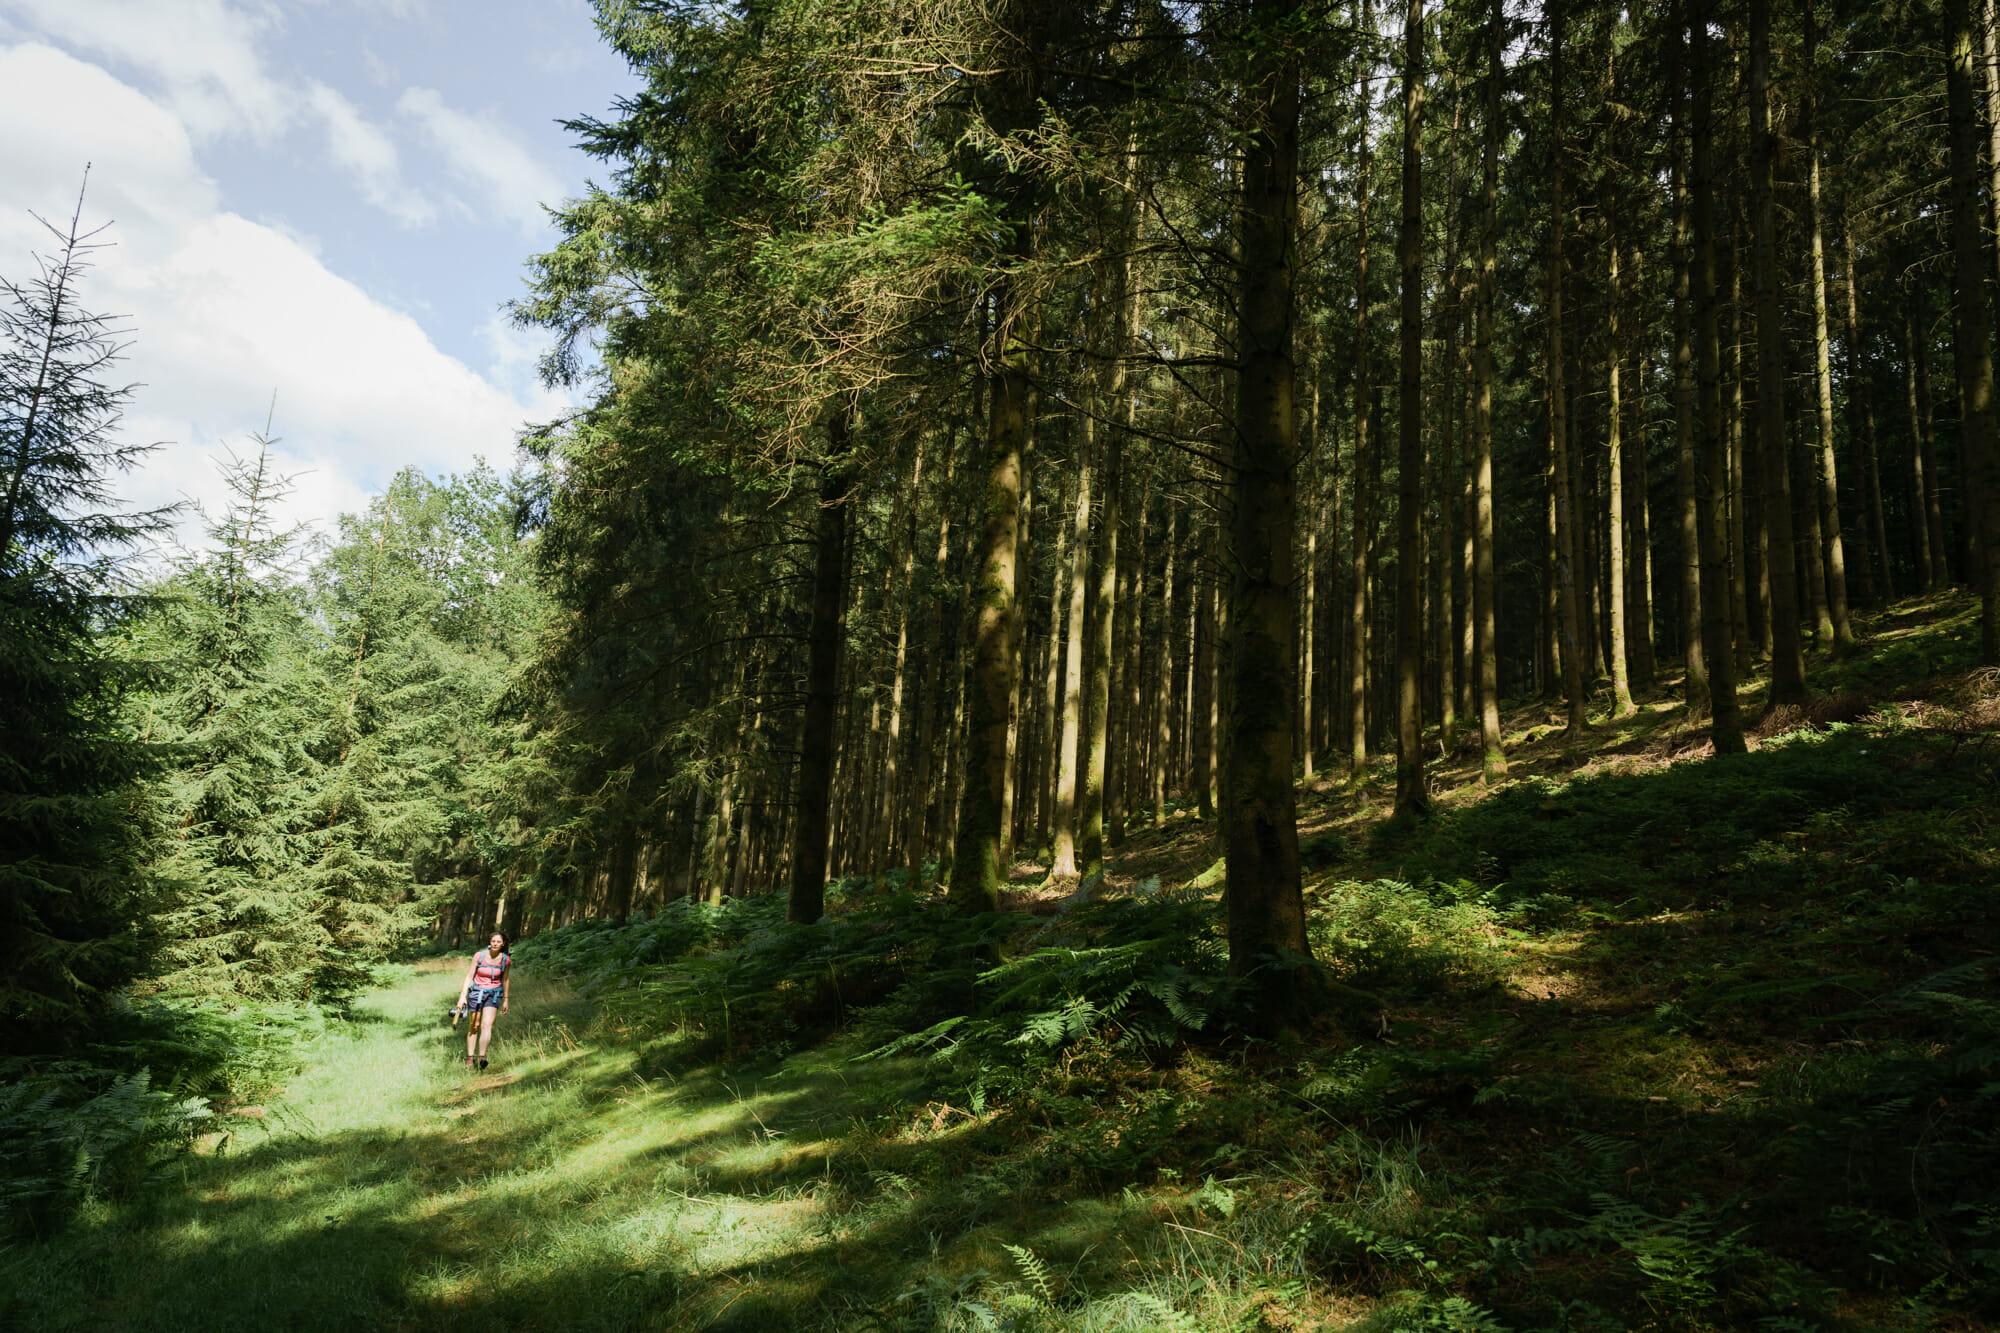 Randonneuse dans le massif de la Croix Scaille en Ardenne namuroise (Province de Namur)